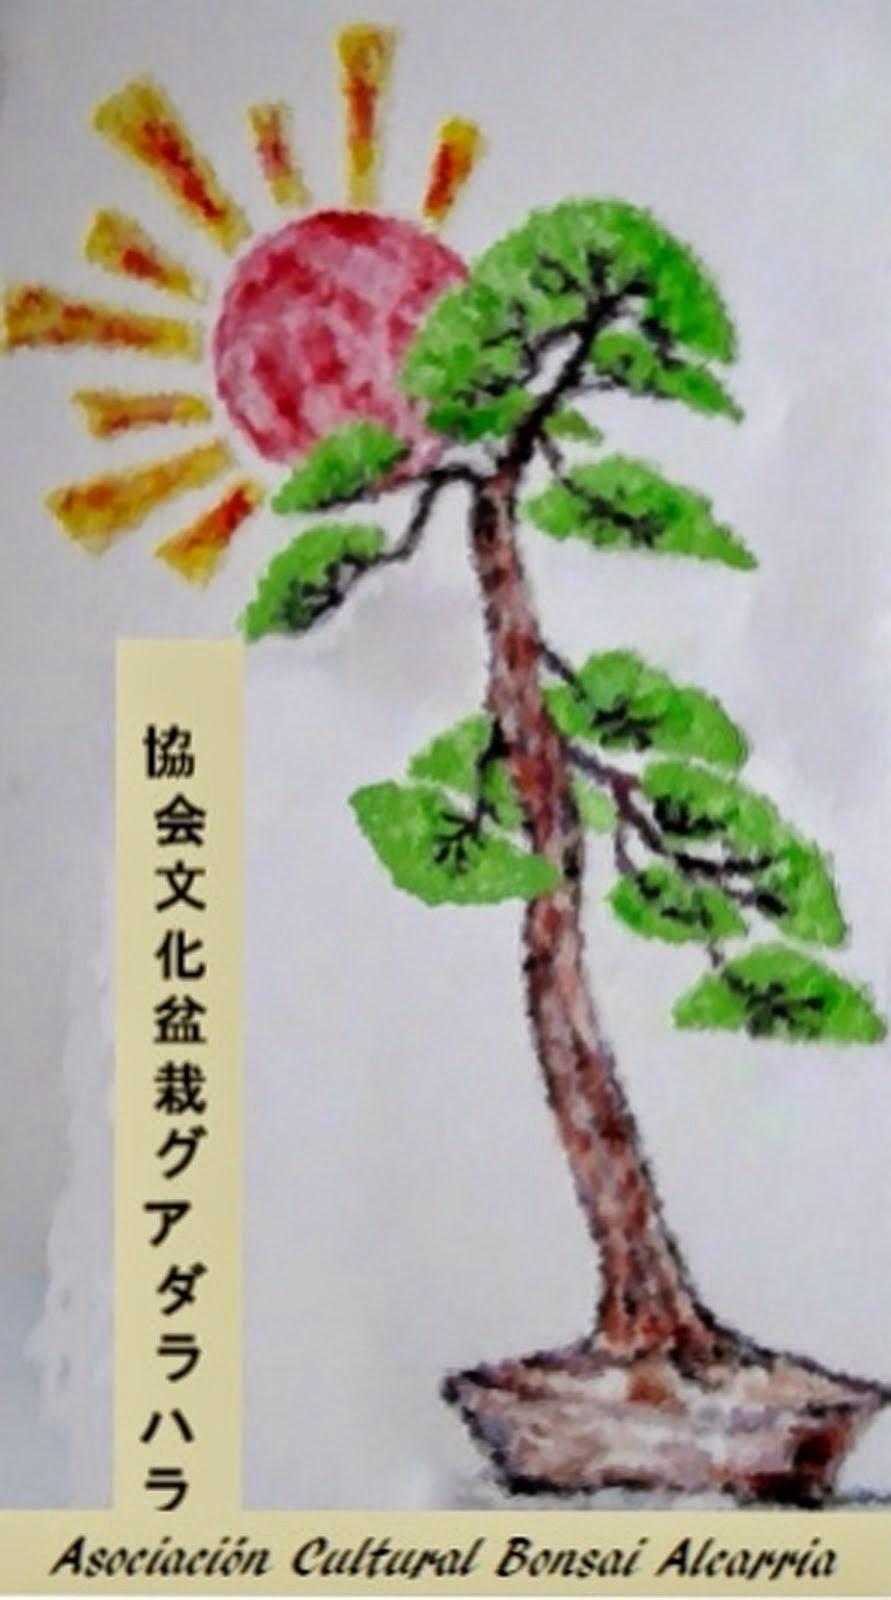 Asociacin Bonsai Alcarria Glosario S